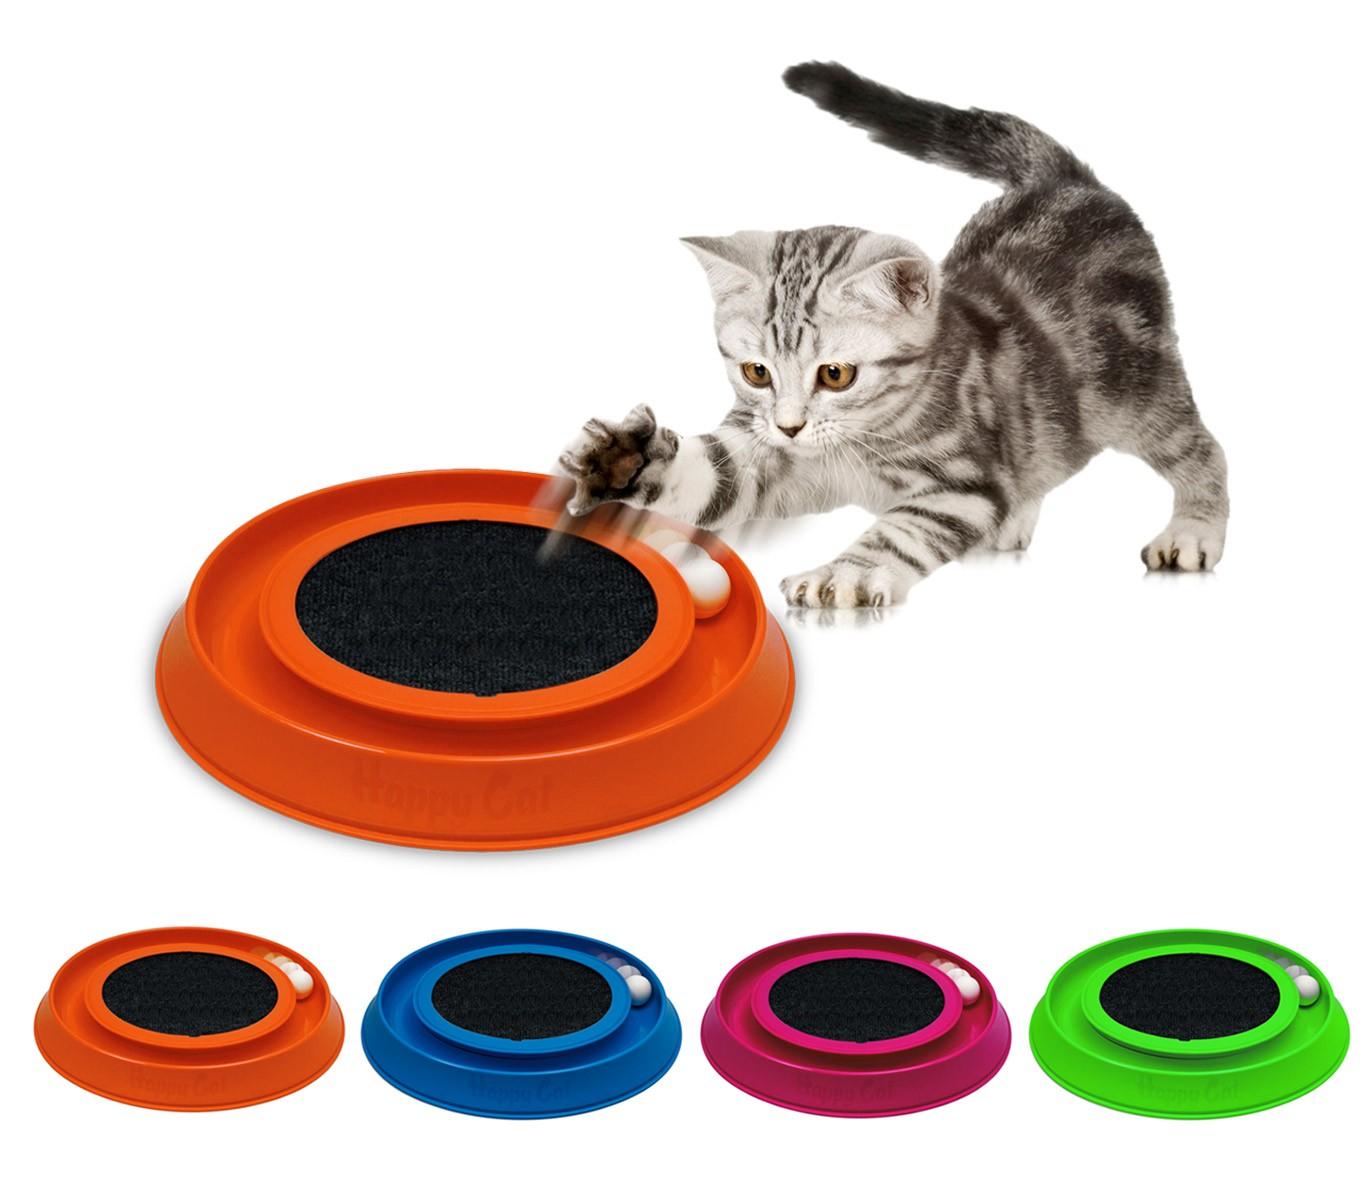 10596 Gioco interattivo con tira graffi per gatti HAPPY CAT made in Italy ø35cm